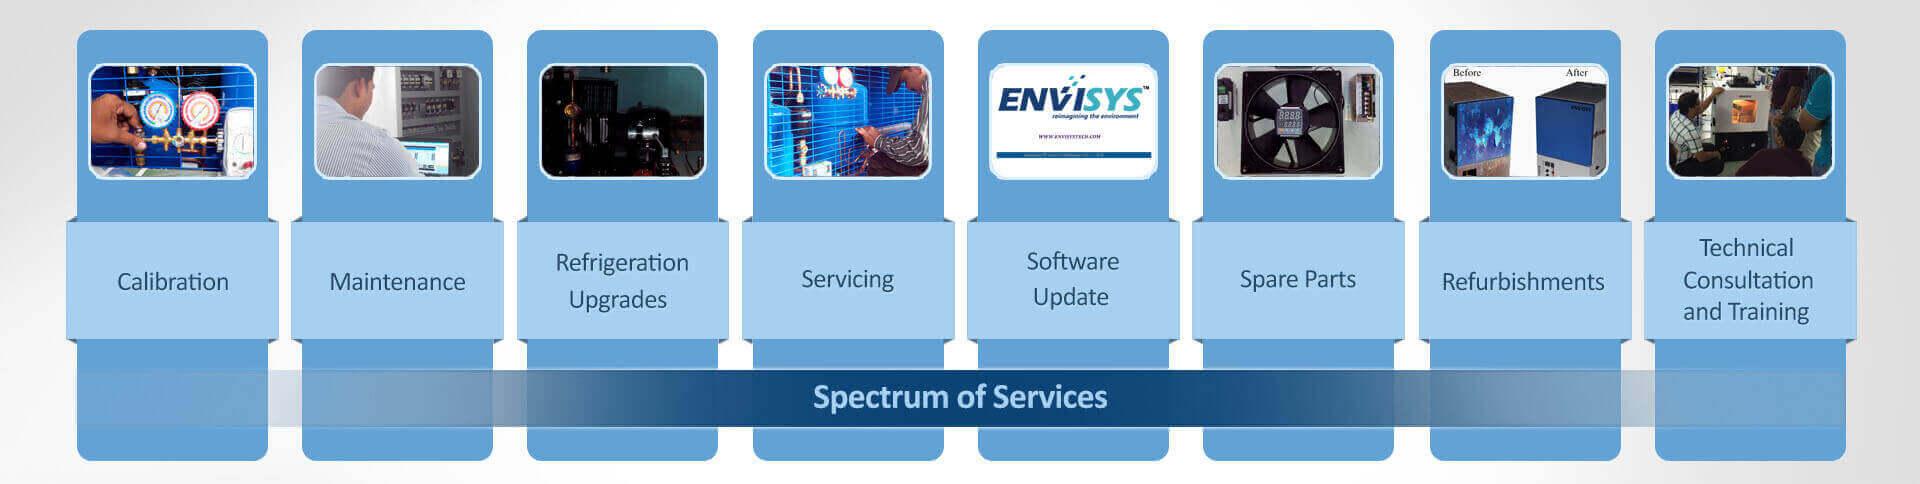 Envisys Services